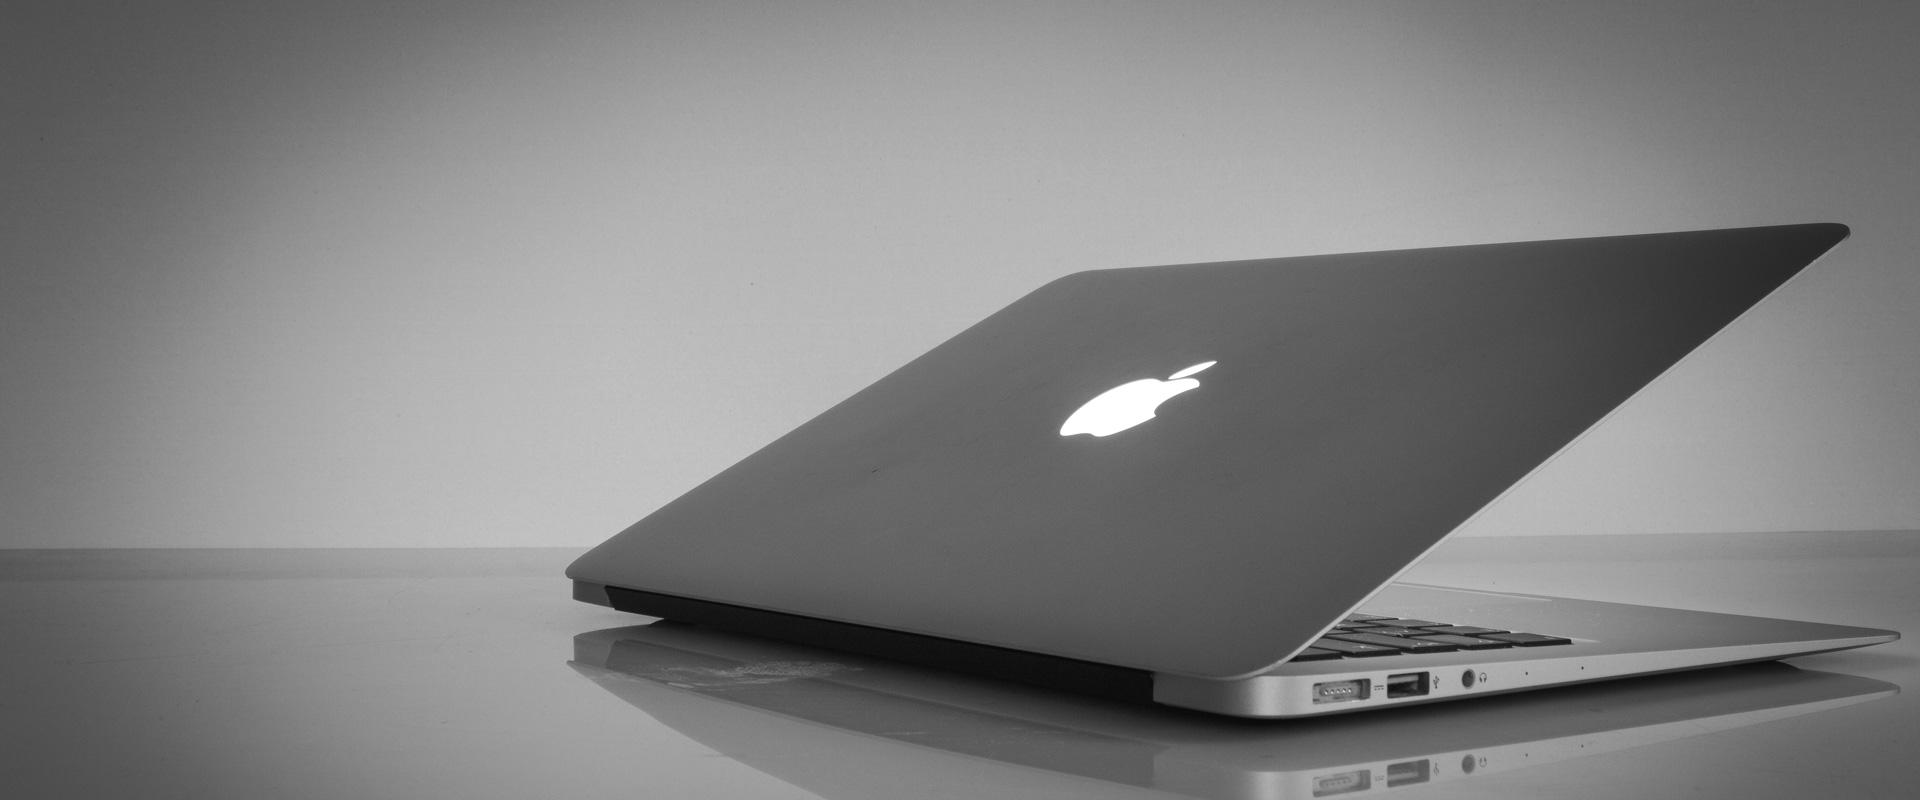 Applemac 1